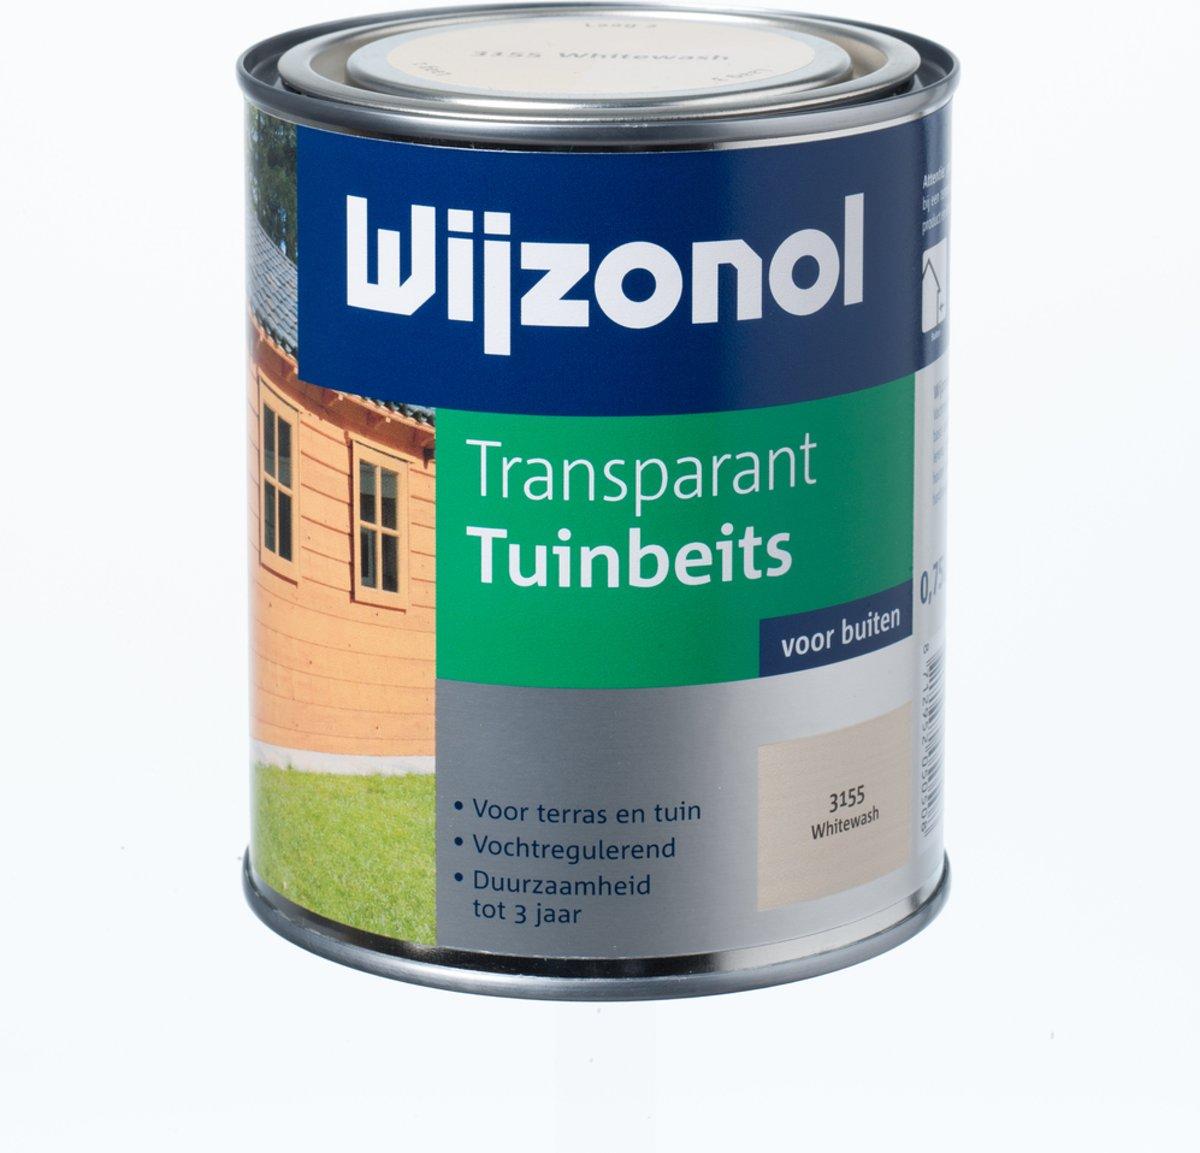 Wijzonol Transparant Tuinbeits - 0,75 liter - Grenen